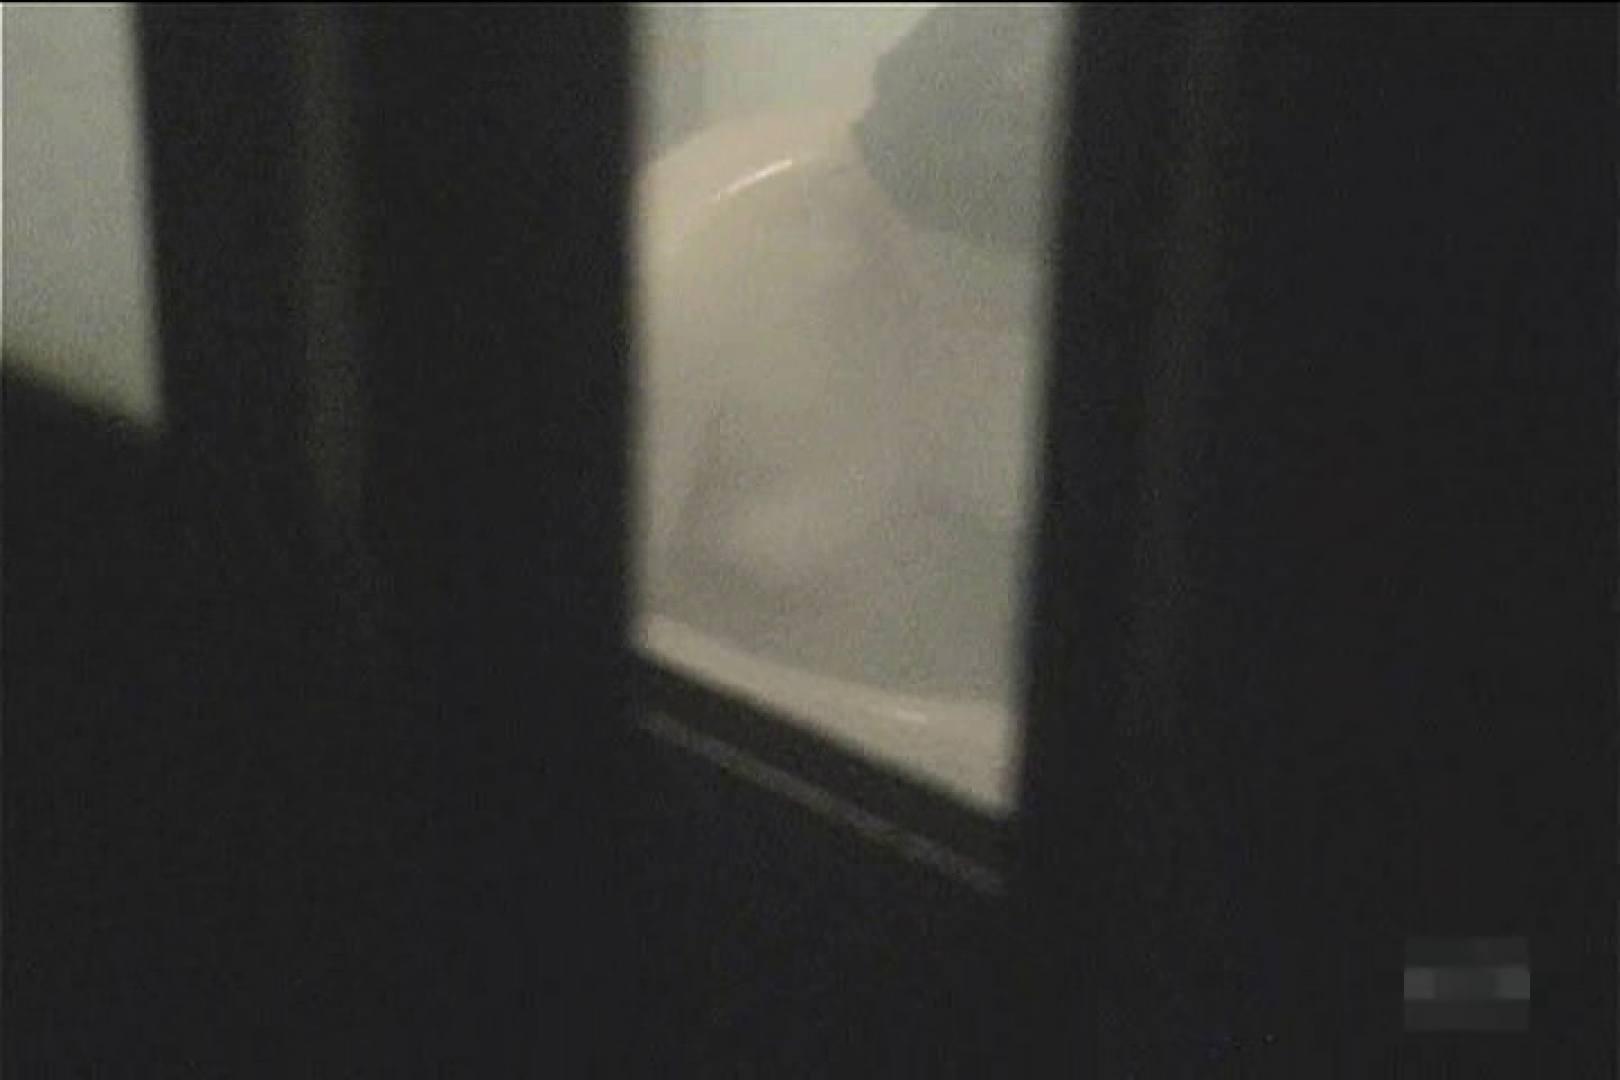 激撮ストーカー記録あなたのお宅拝見しますVol.11 プライベート 盗撮動画紹介 63画像 6